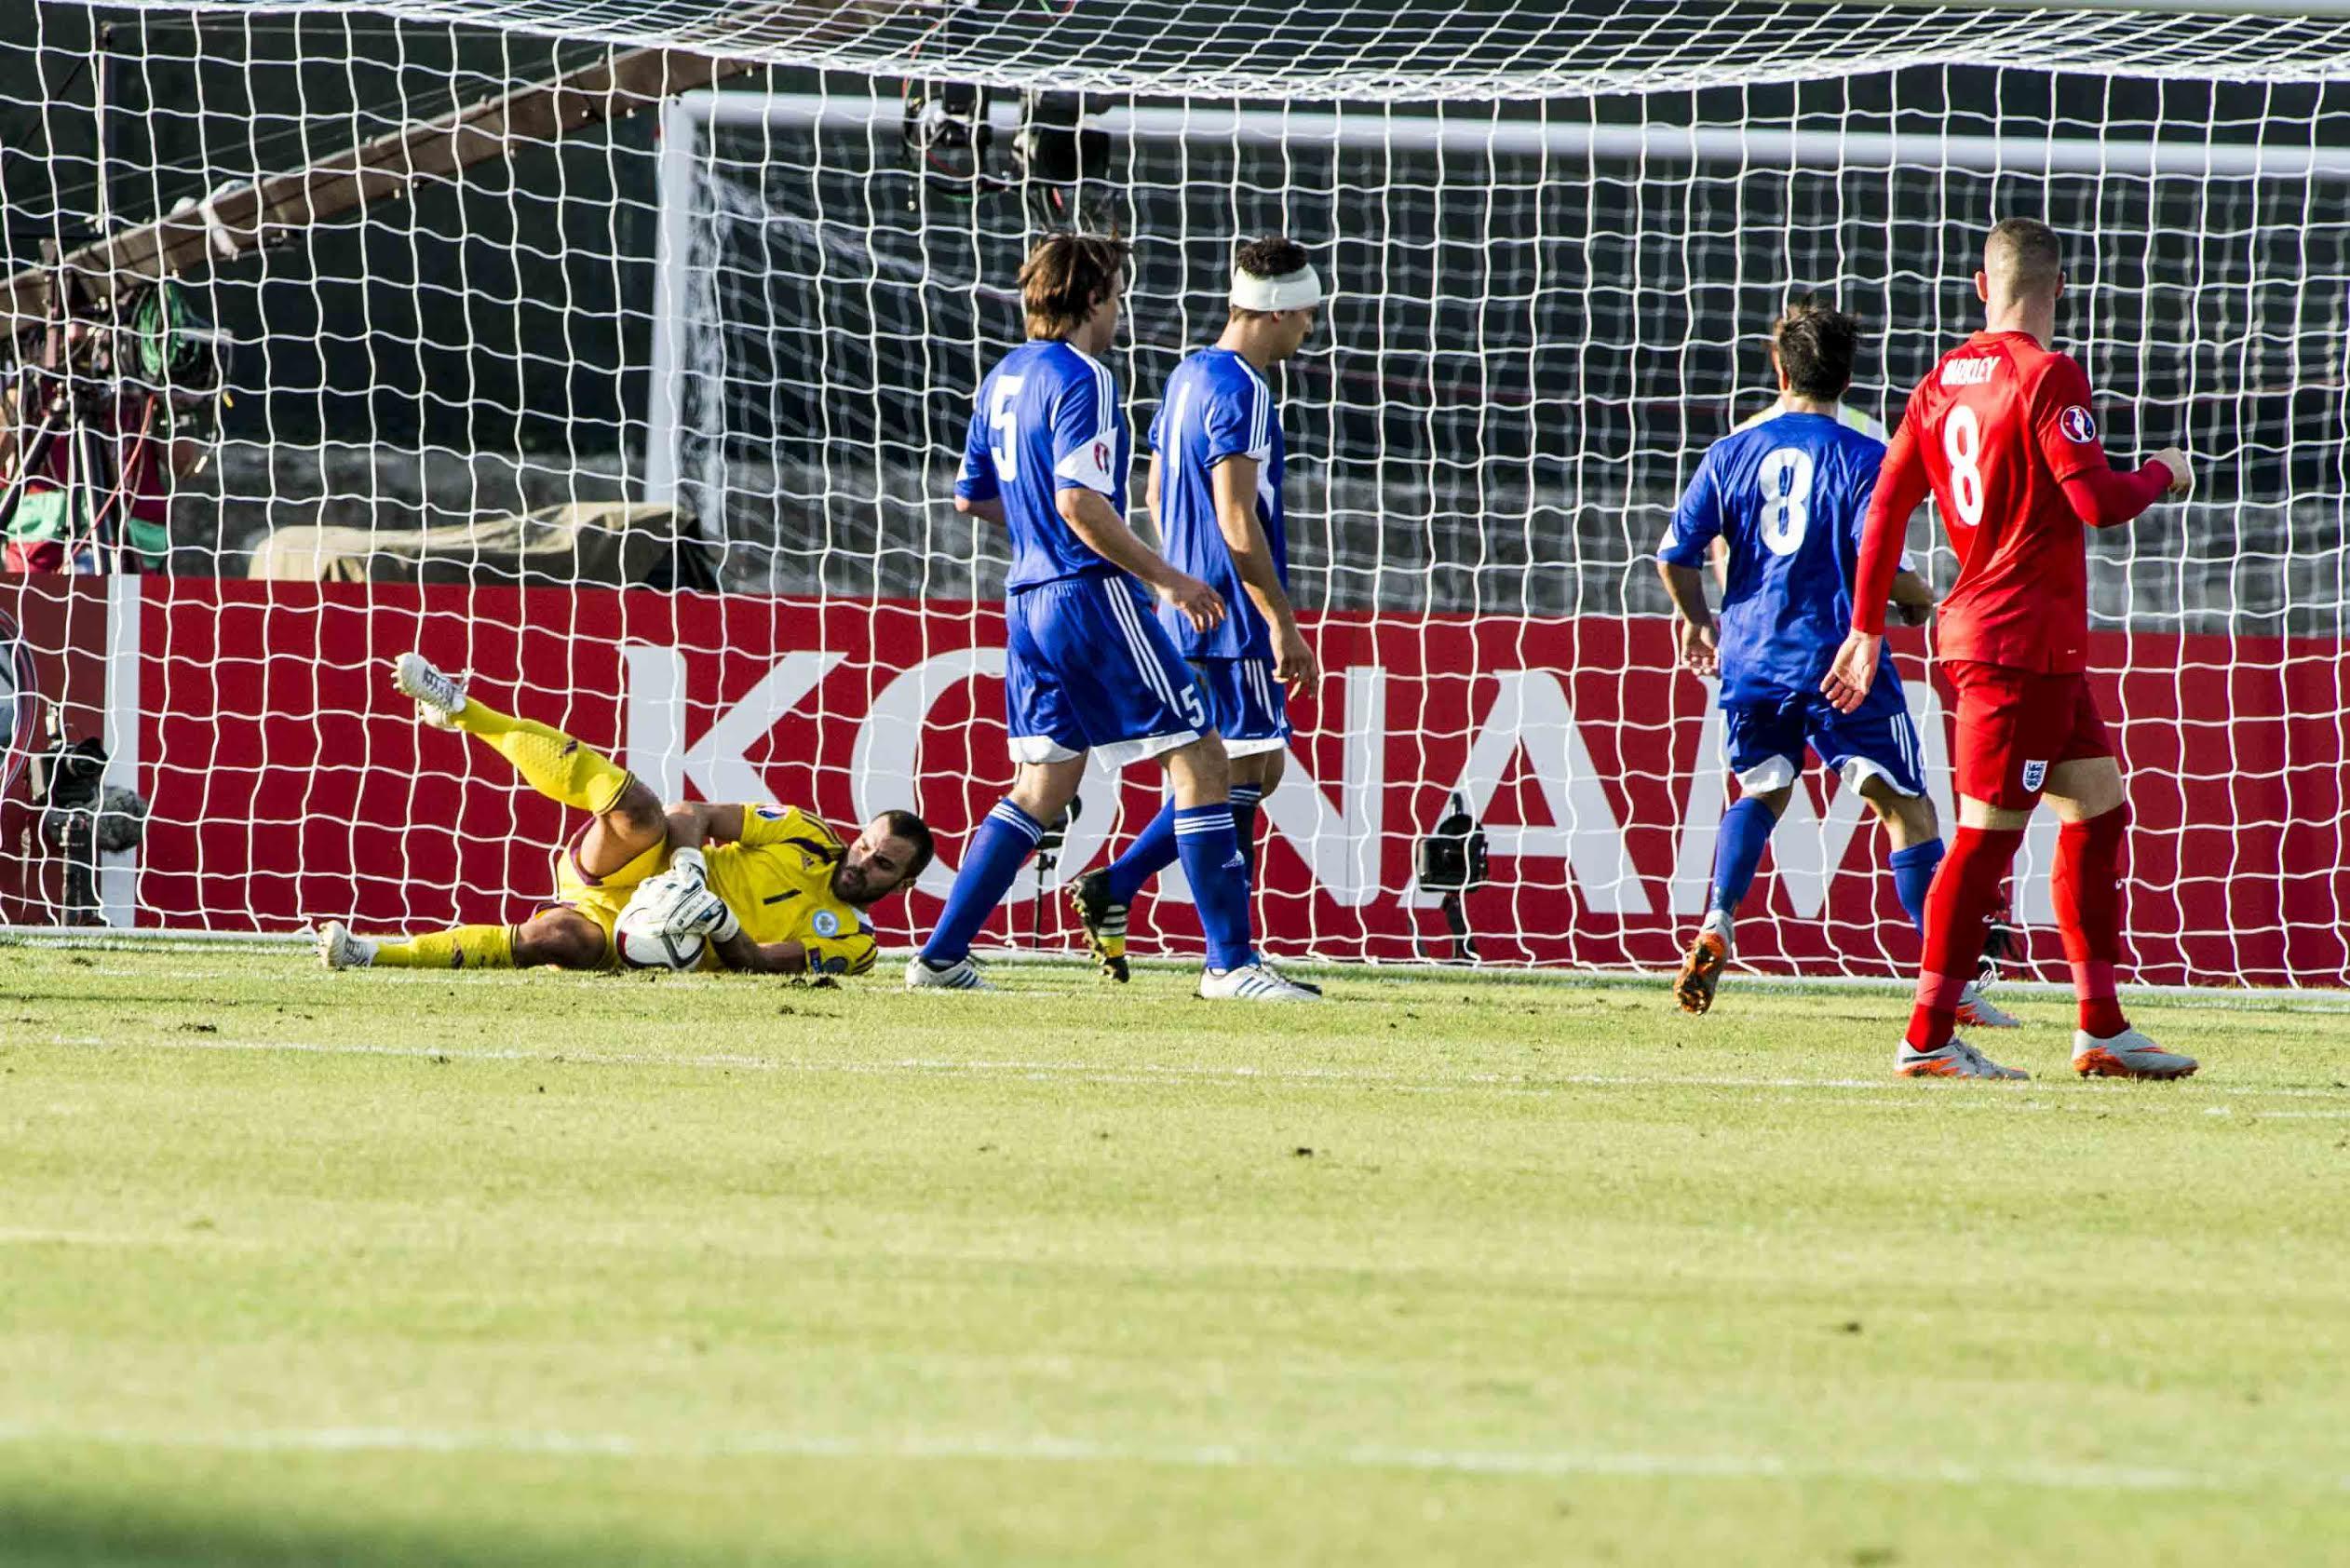 Calcio San Marino Vs InghliterraPh©FPF/Filippo Pruccoli